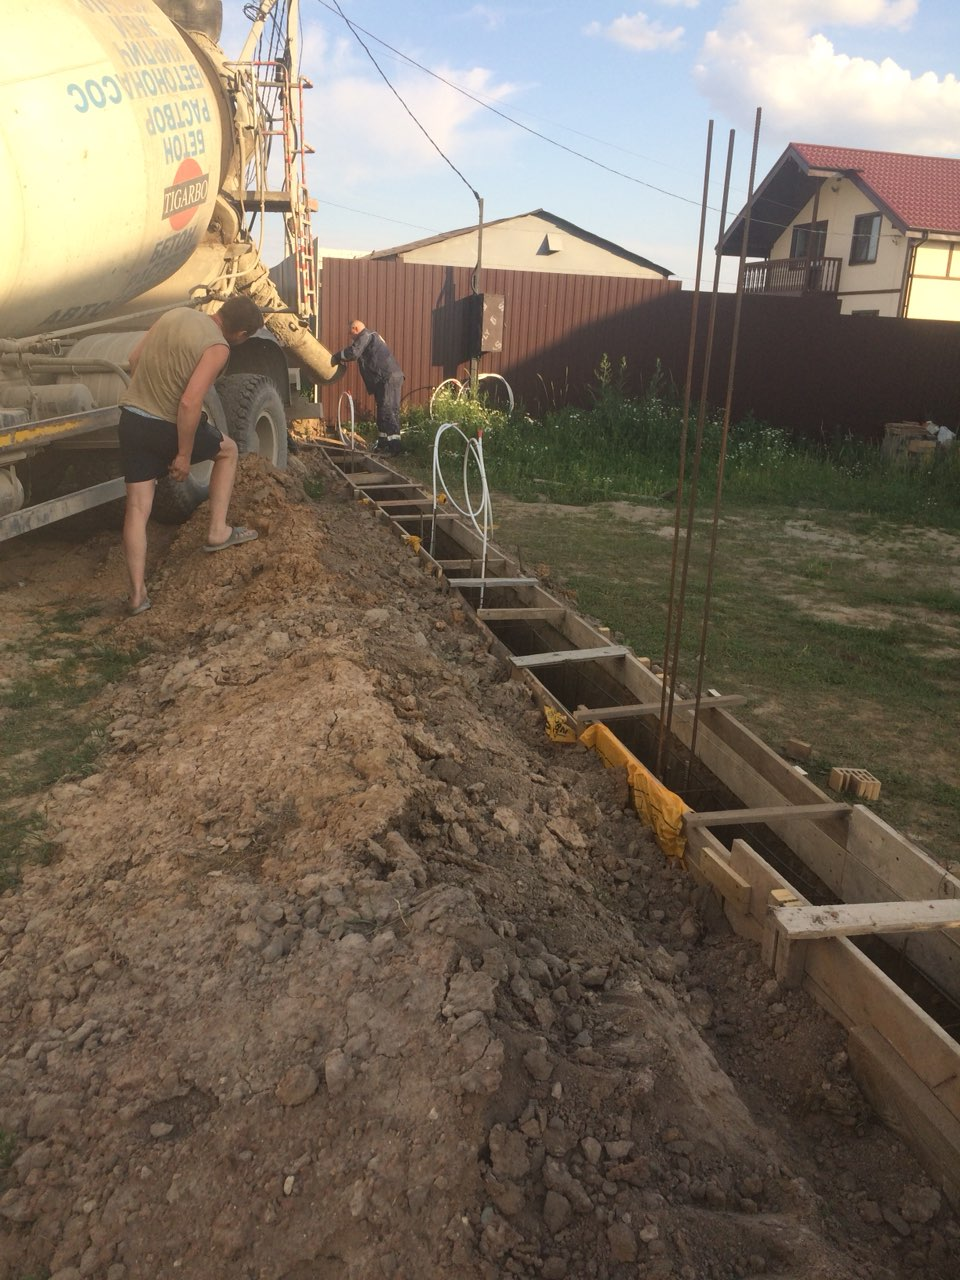 Заливка бетона в опалубкуленточного фундамента для забора